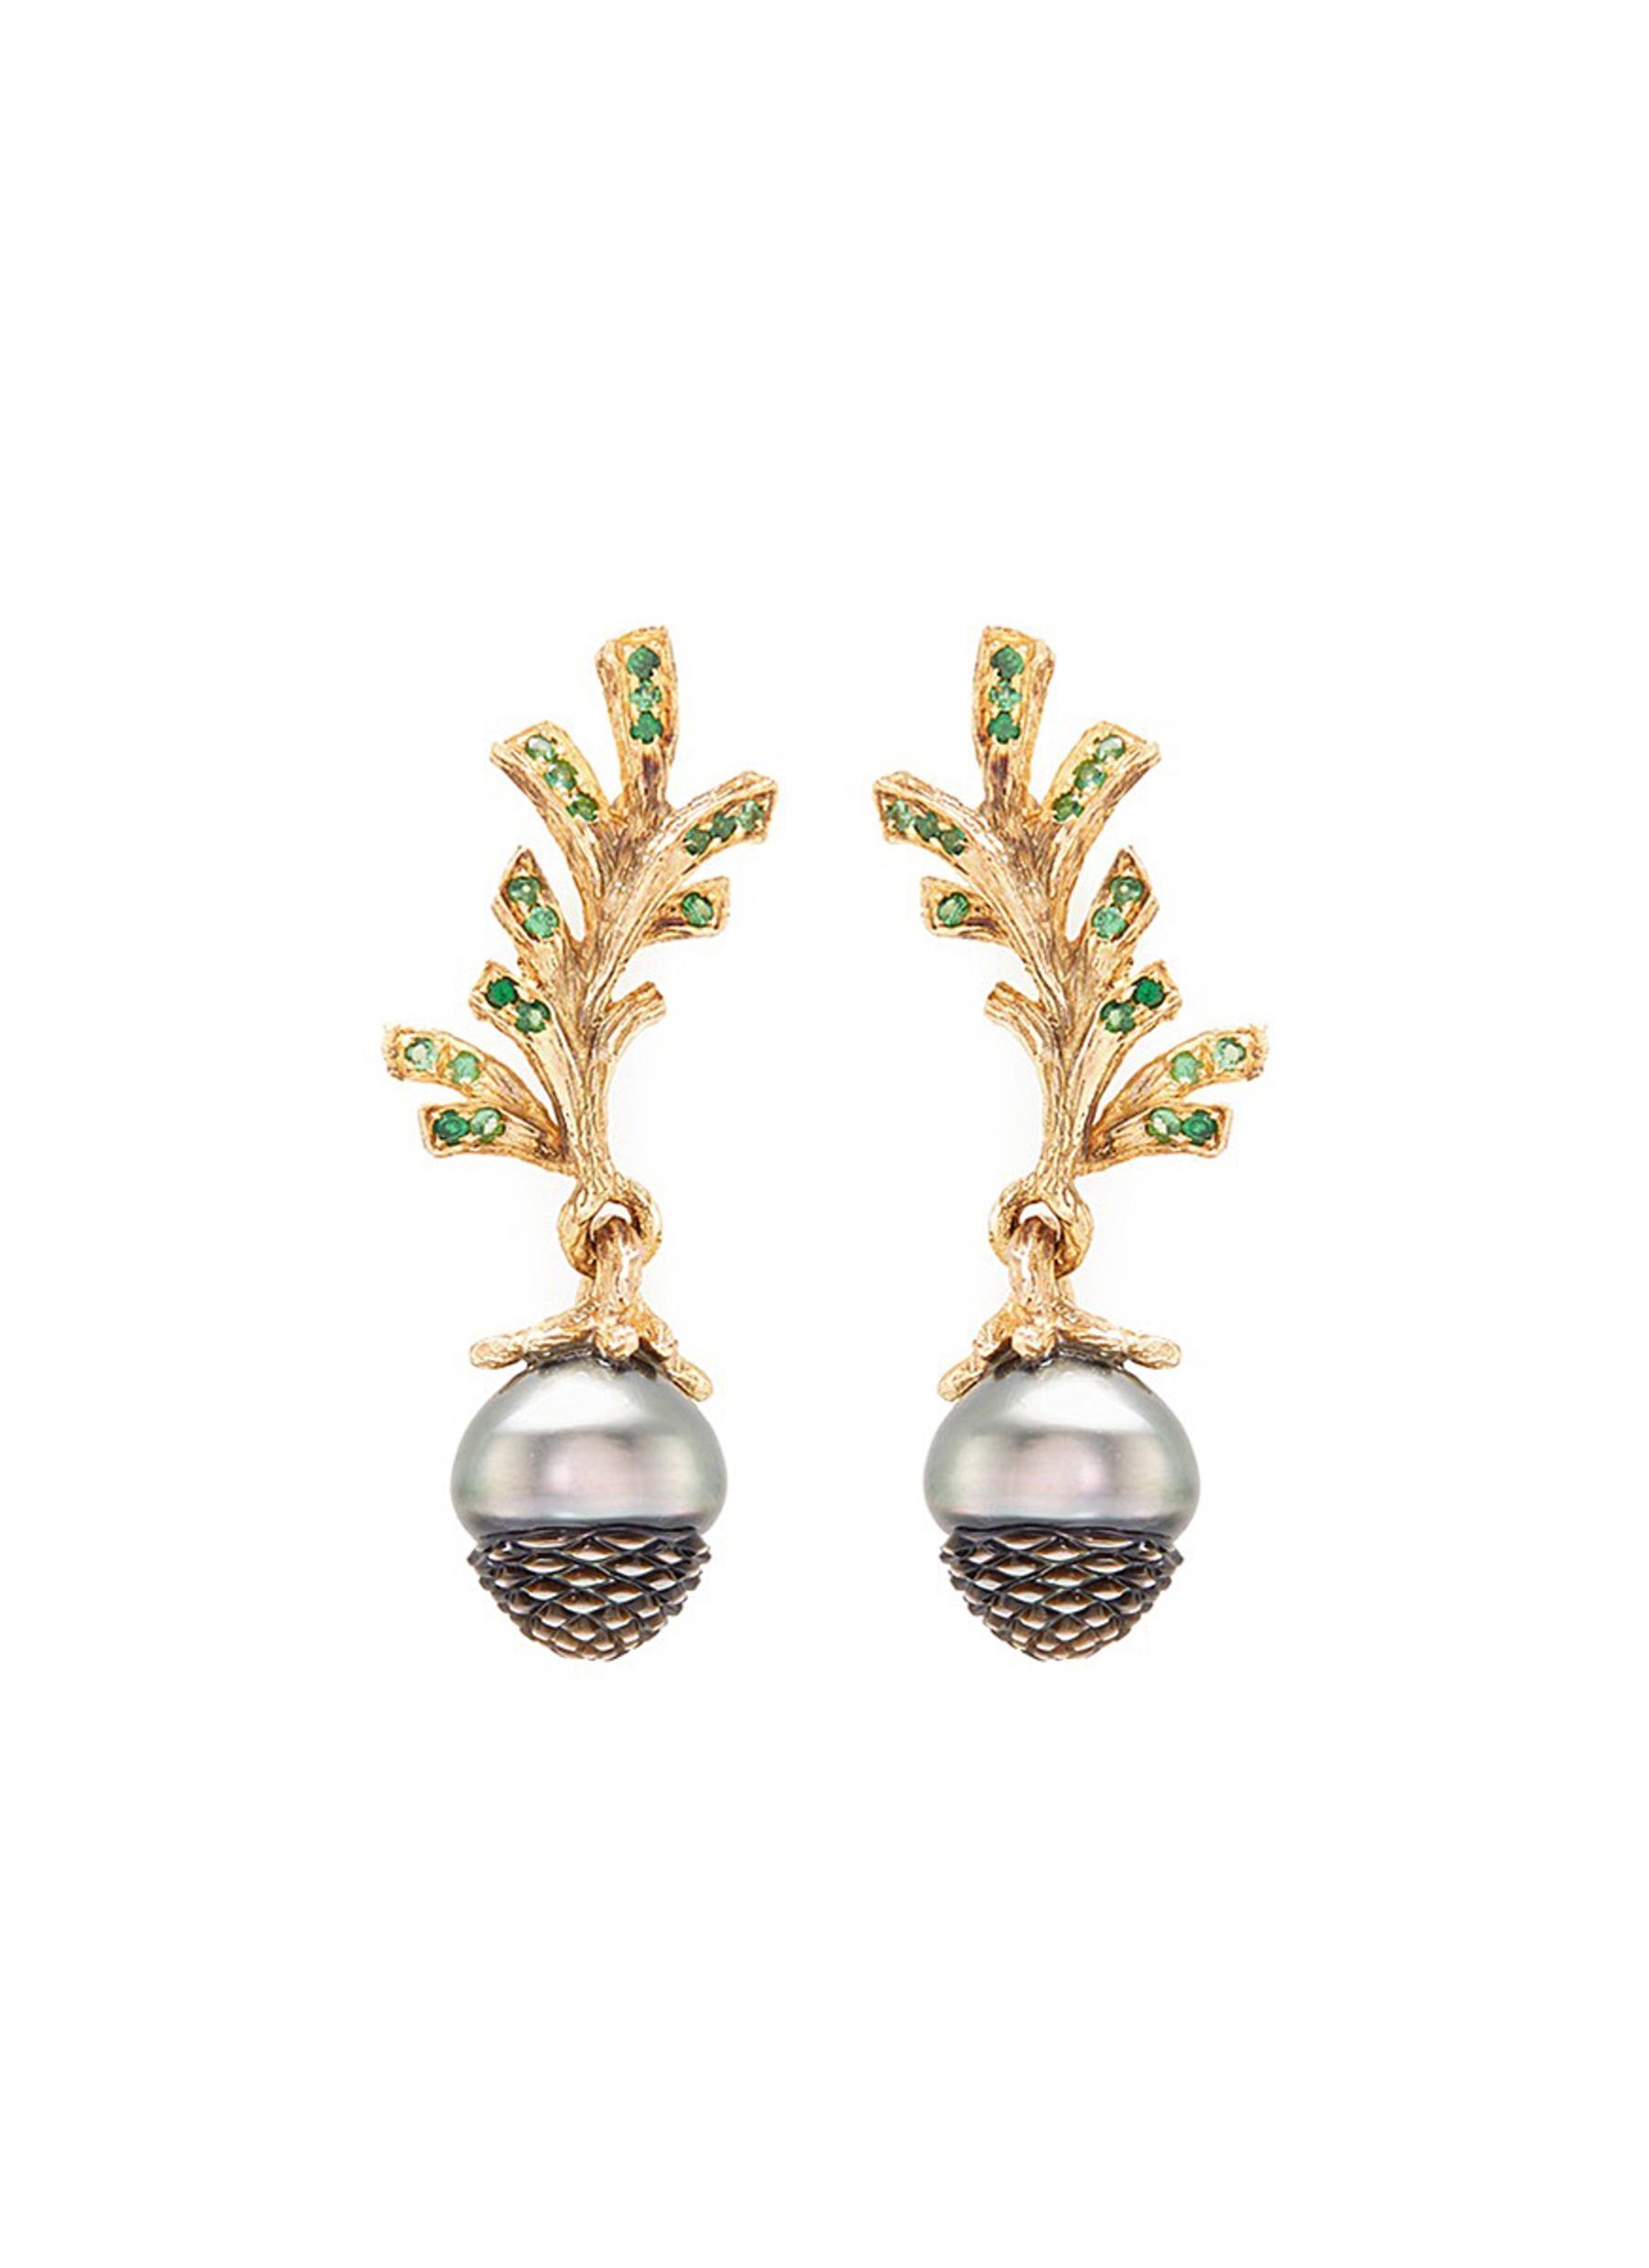 Pinecone tsavorite pearl 18k gold earrings by Heting